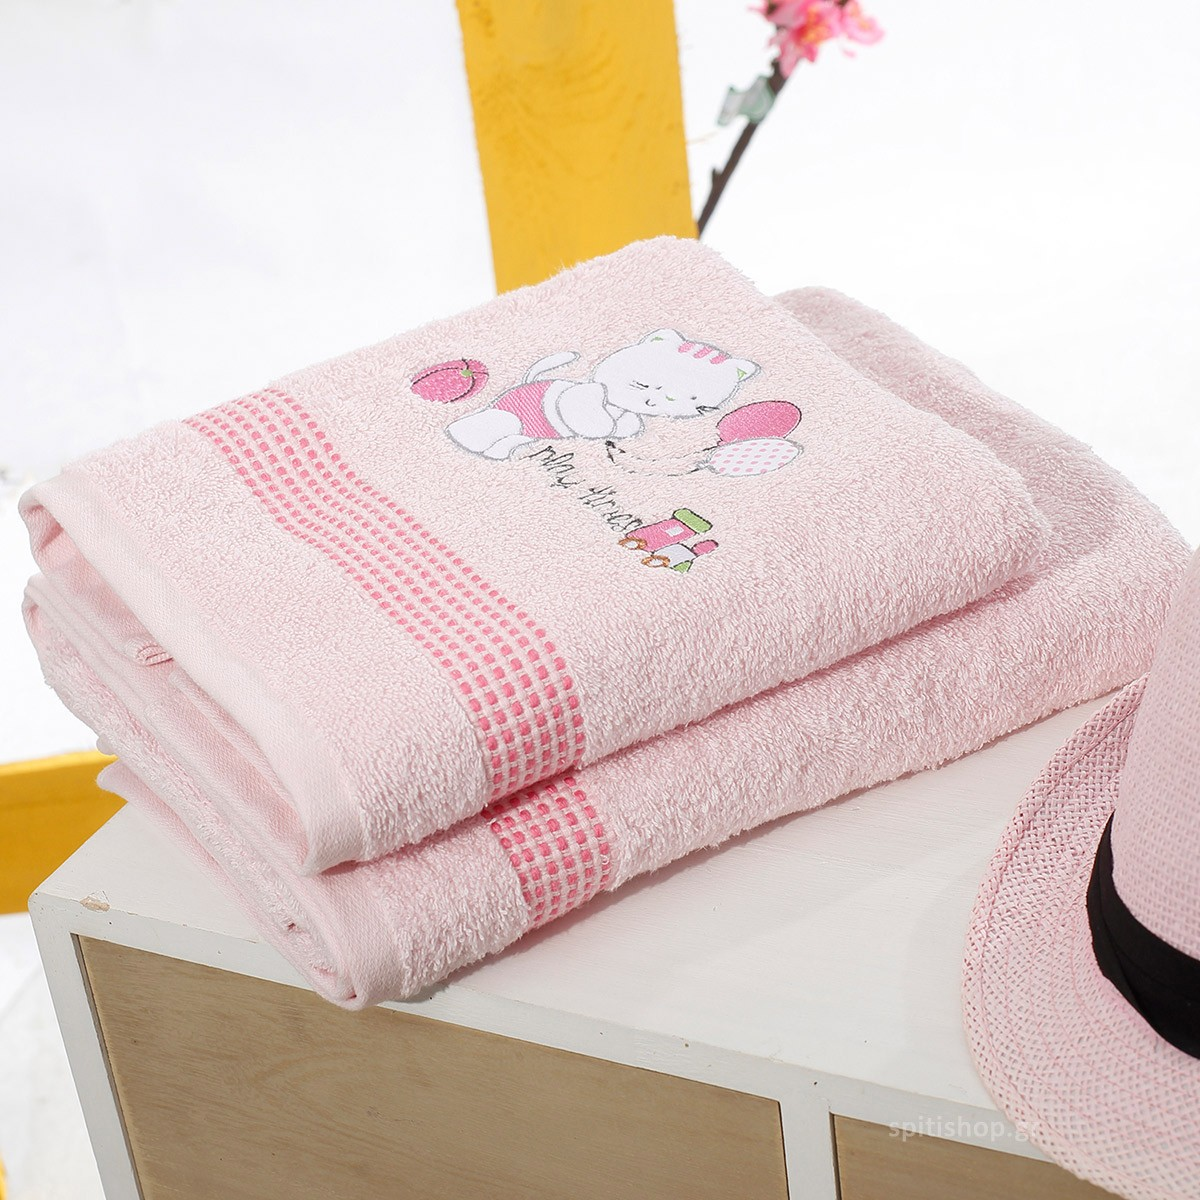 Βρεφικές Πετσέτες (Σετ 2τμχ) Sb Home Kitten Pink